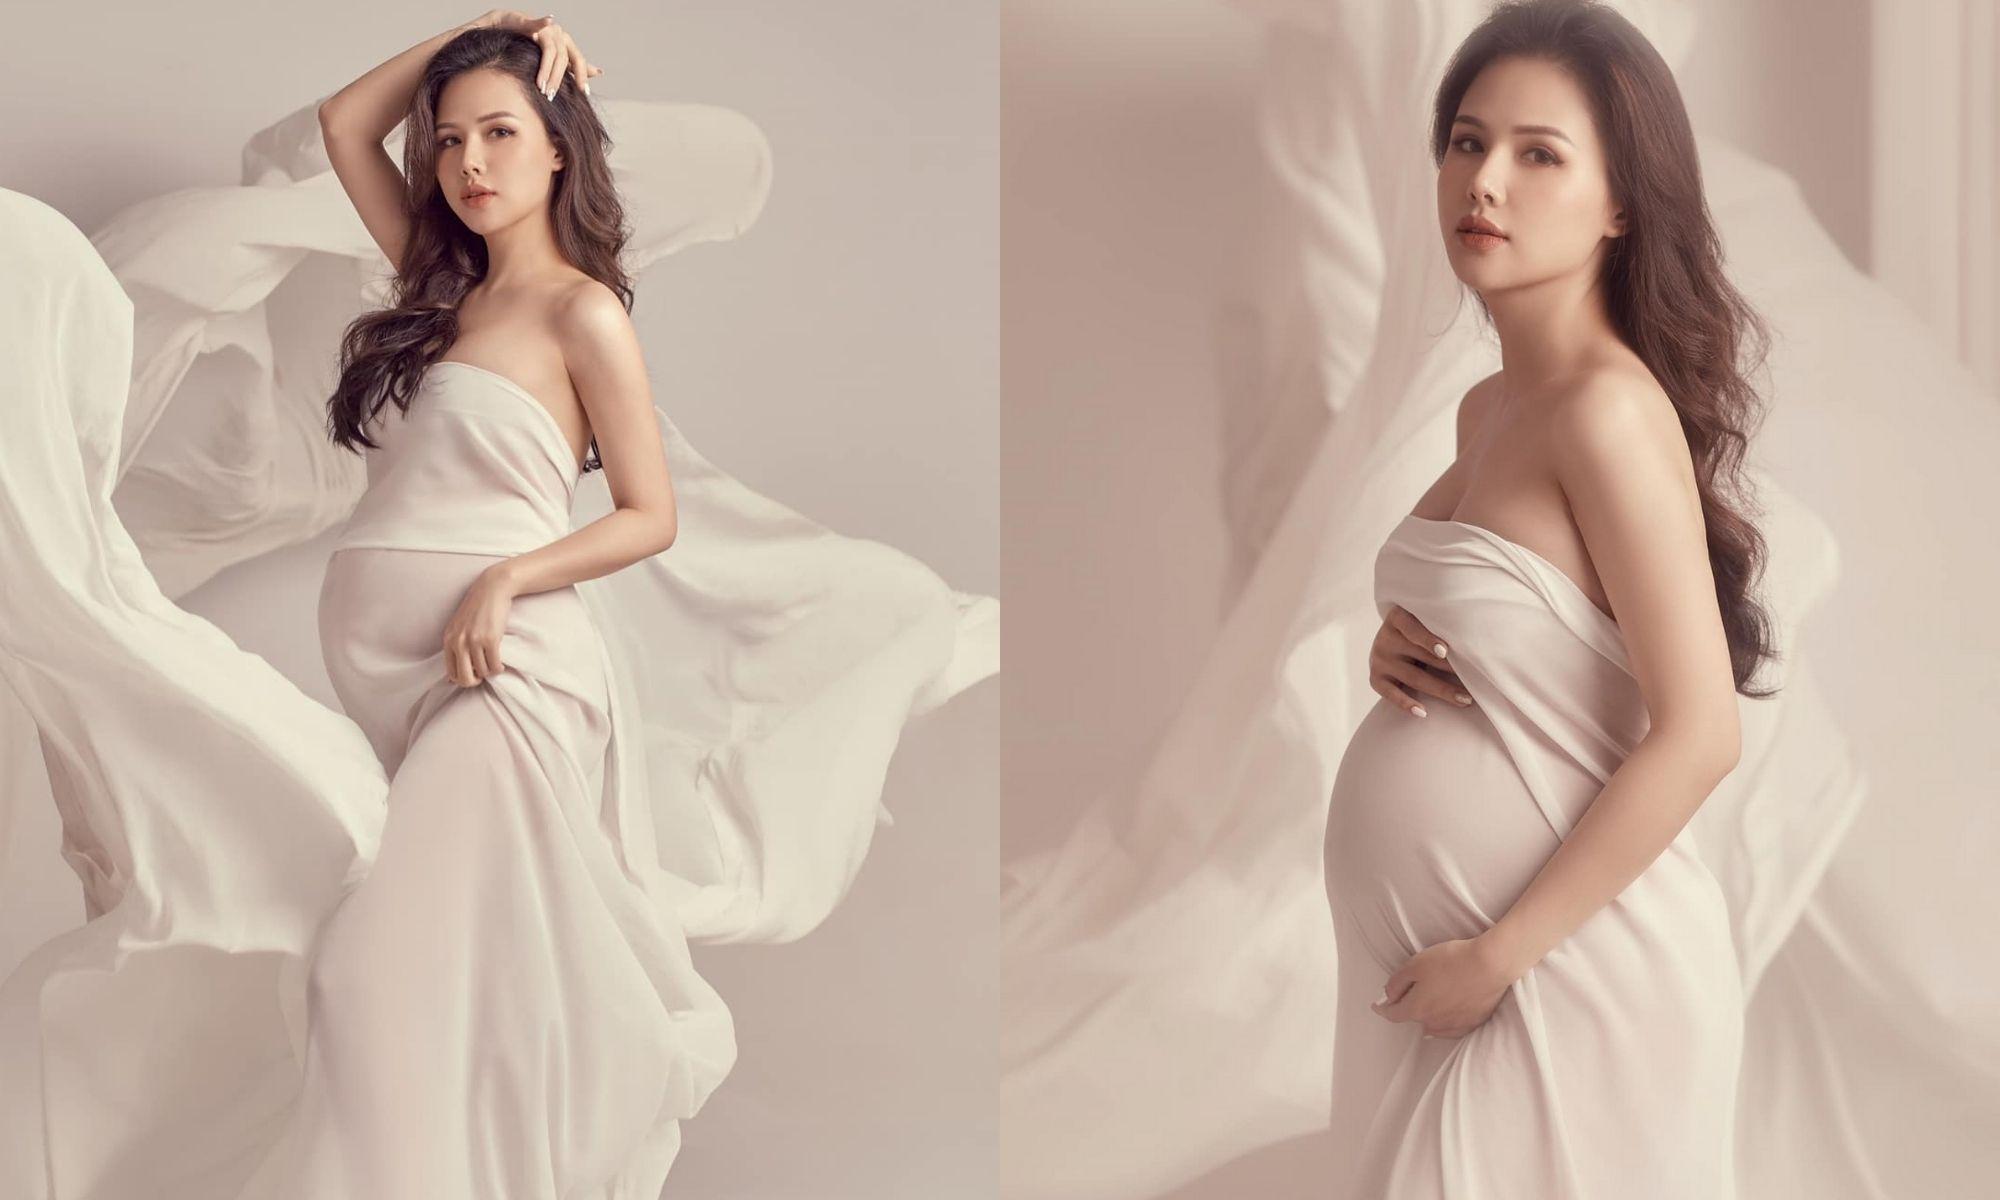 Mẹ bầu Phanh Lee xinh đẹp xuất sắc, tiết lộ điều hạnh phúc hiện tại